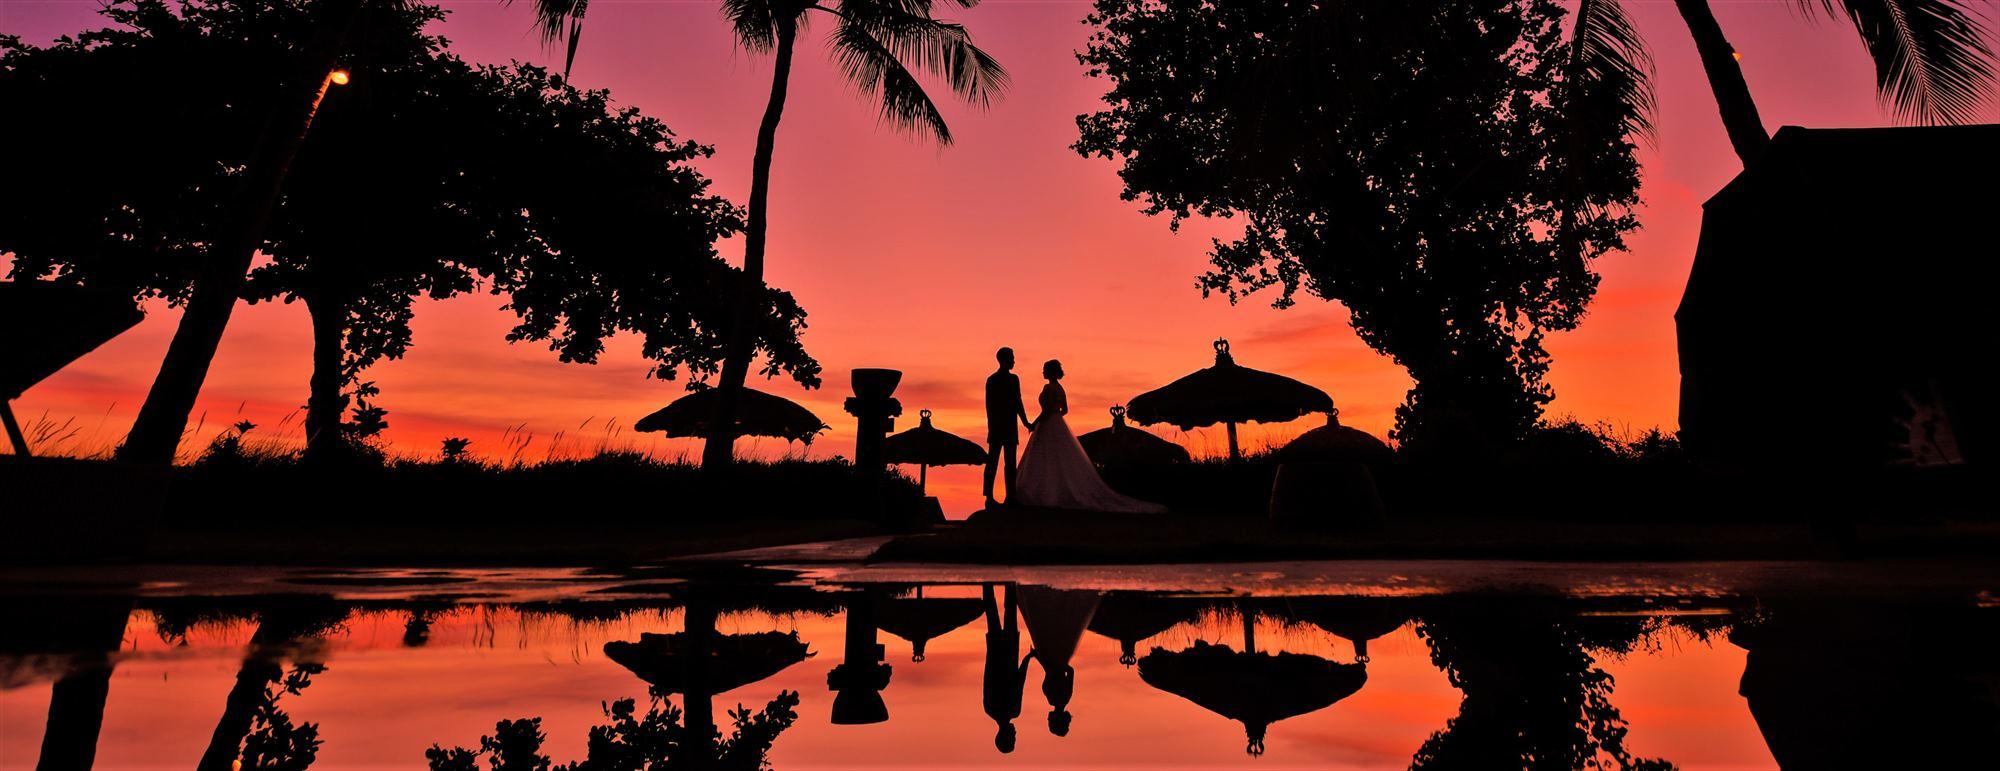 バリ島サンセット・ビーチ・フォトウェディング ジンバラン・ビーチ・サンセット Belmond Jimbara Puri Bali Sunset Photo Wedding